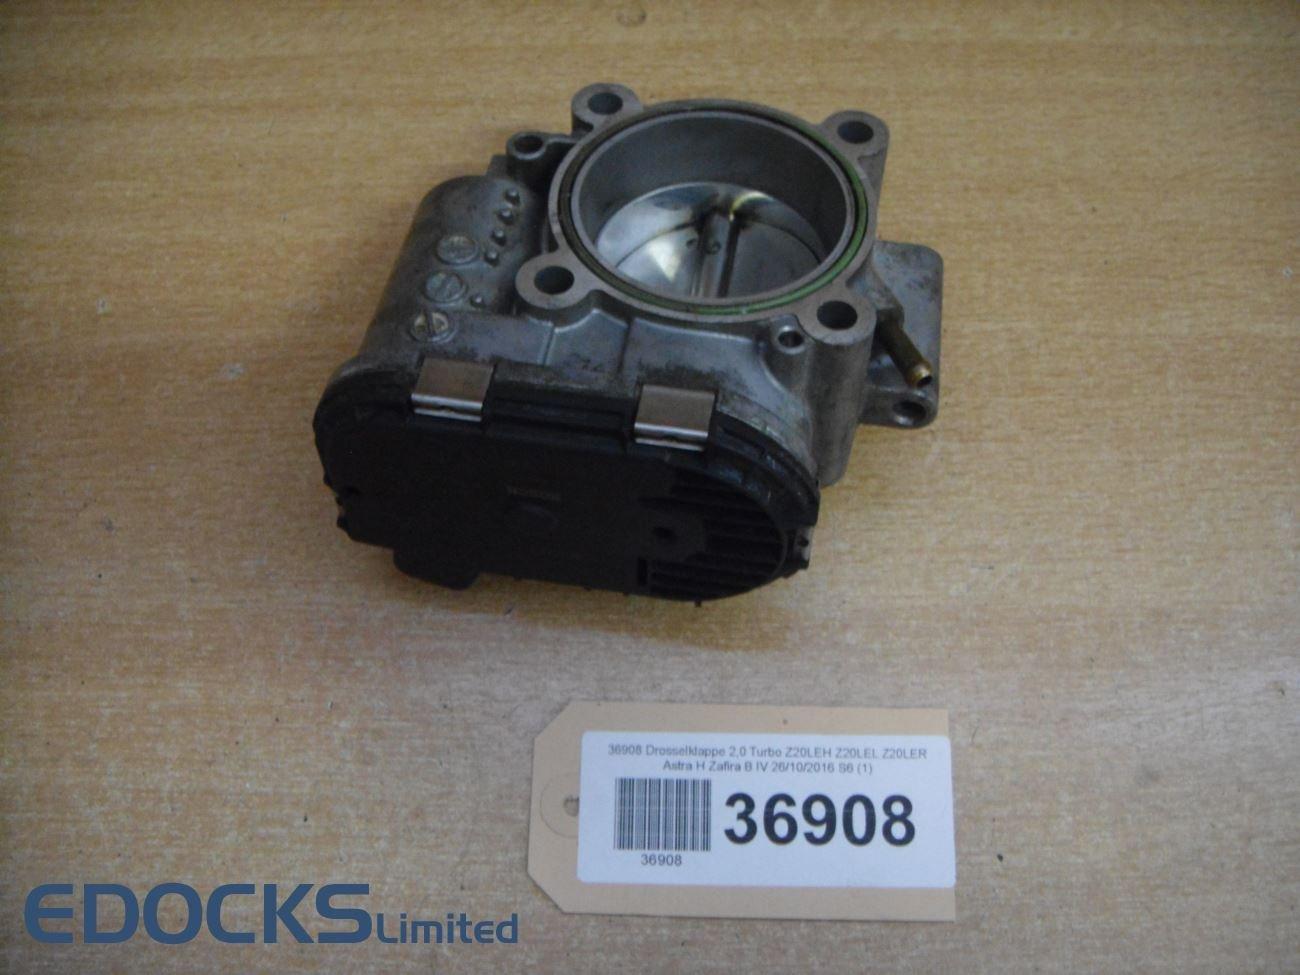 Válvula de estrangulación 2,0 Turbo z20leh z20lel z20ler Astra H, Zafira B Opel: Amazon.es: Coche y moto